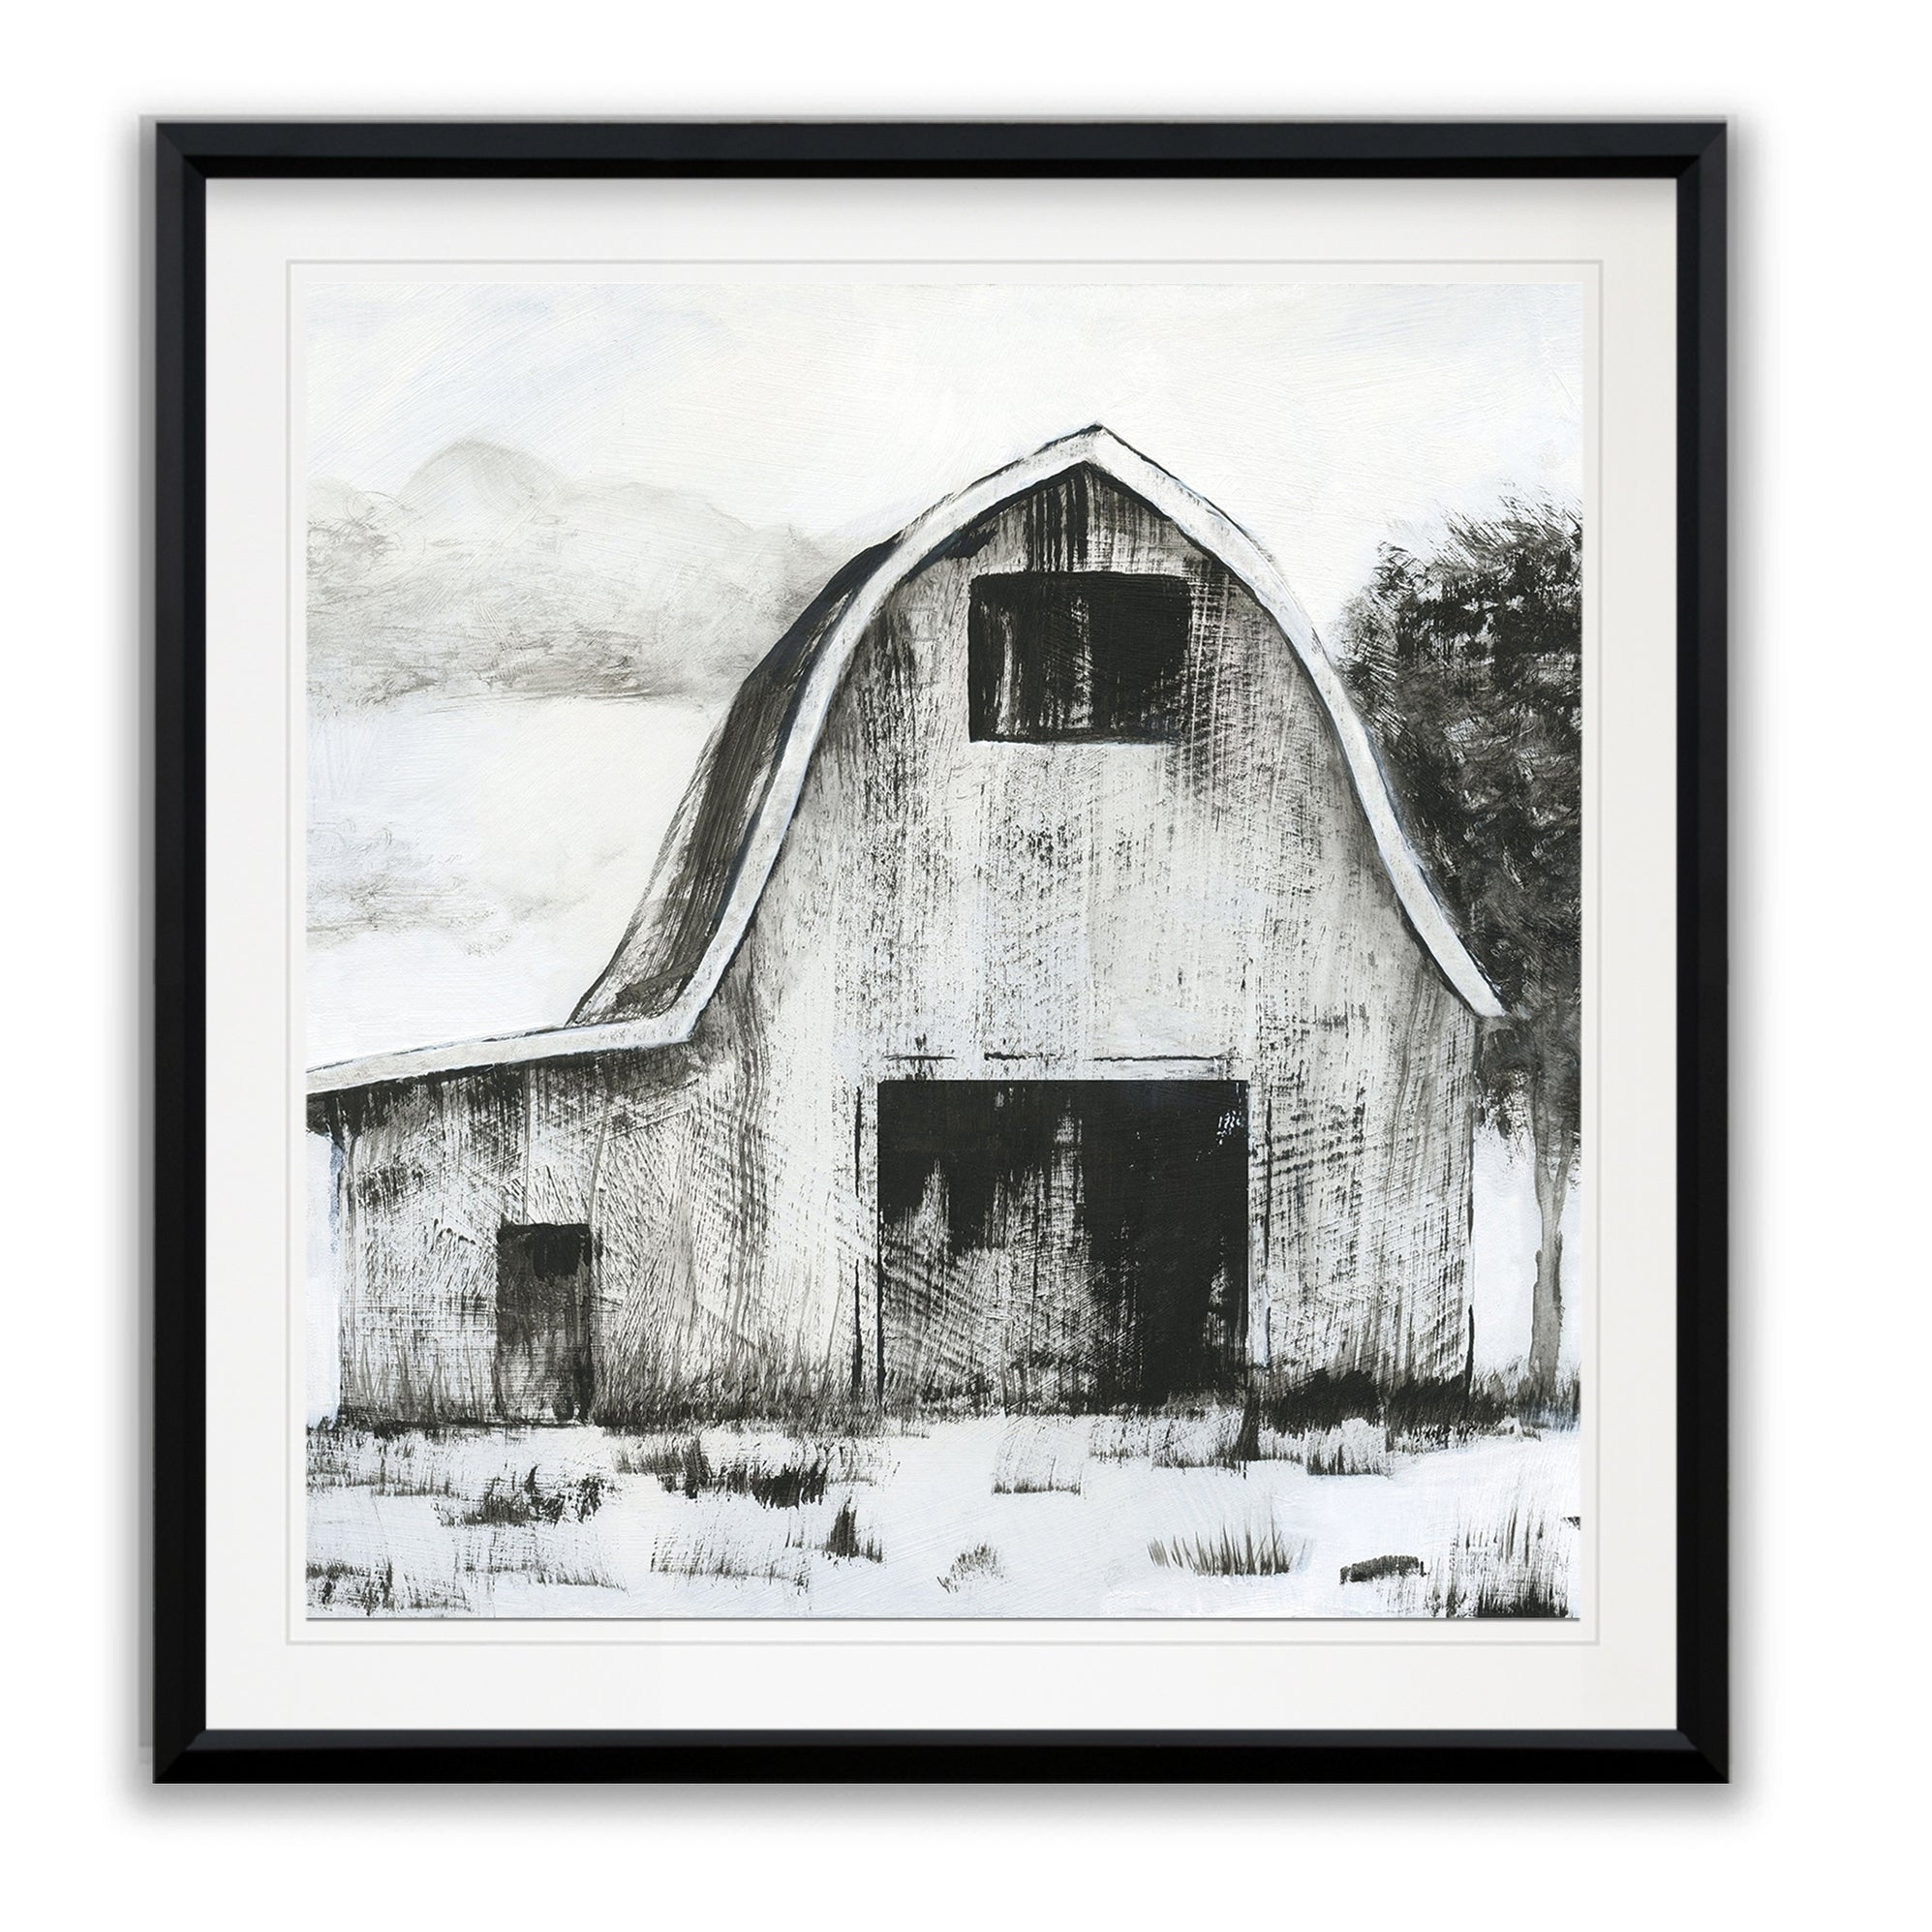 Black White Barn Ii Framed Giclee Print Overstock 24253055